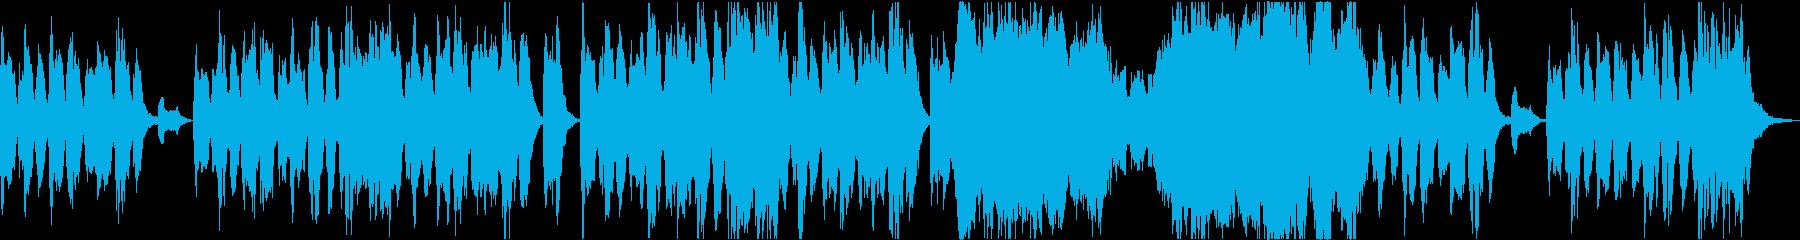 困惑した不穏な場面に適したオーケストラ曲の再生済みの波形